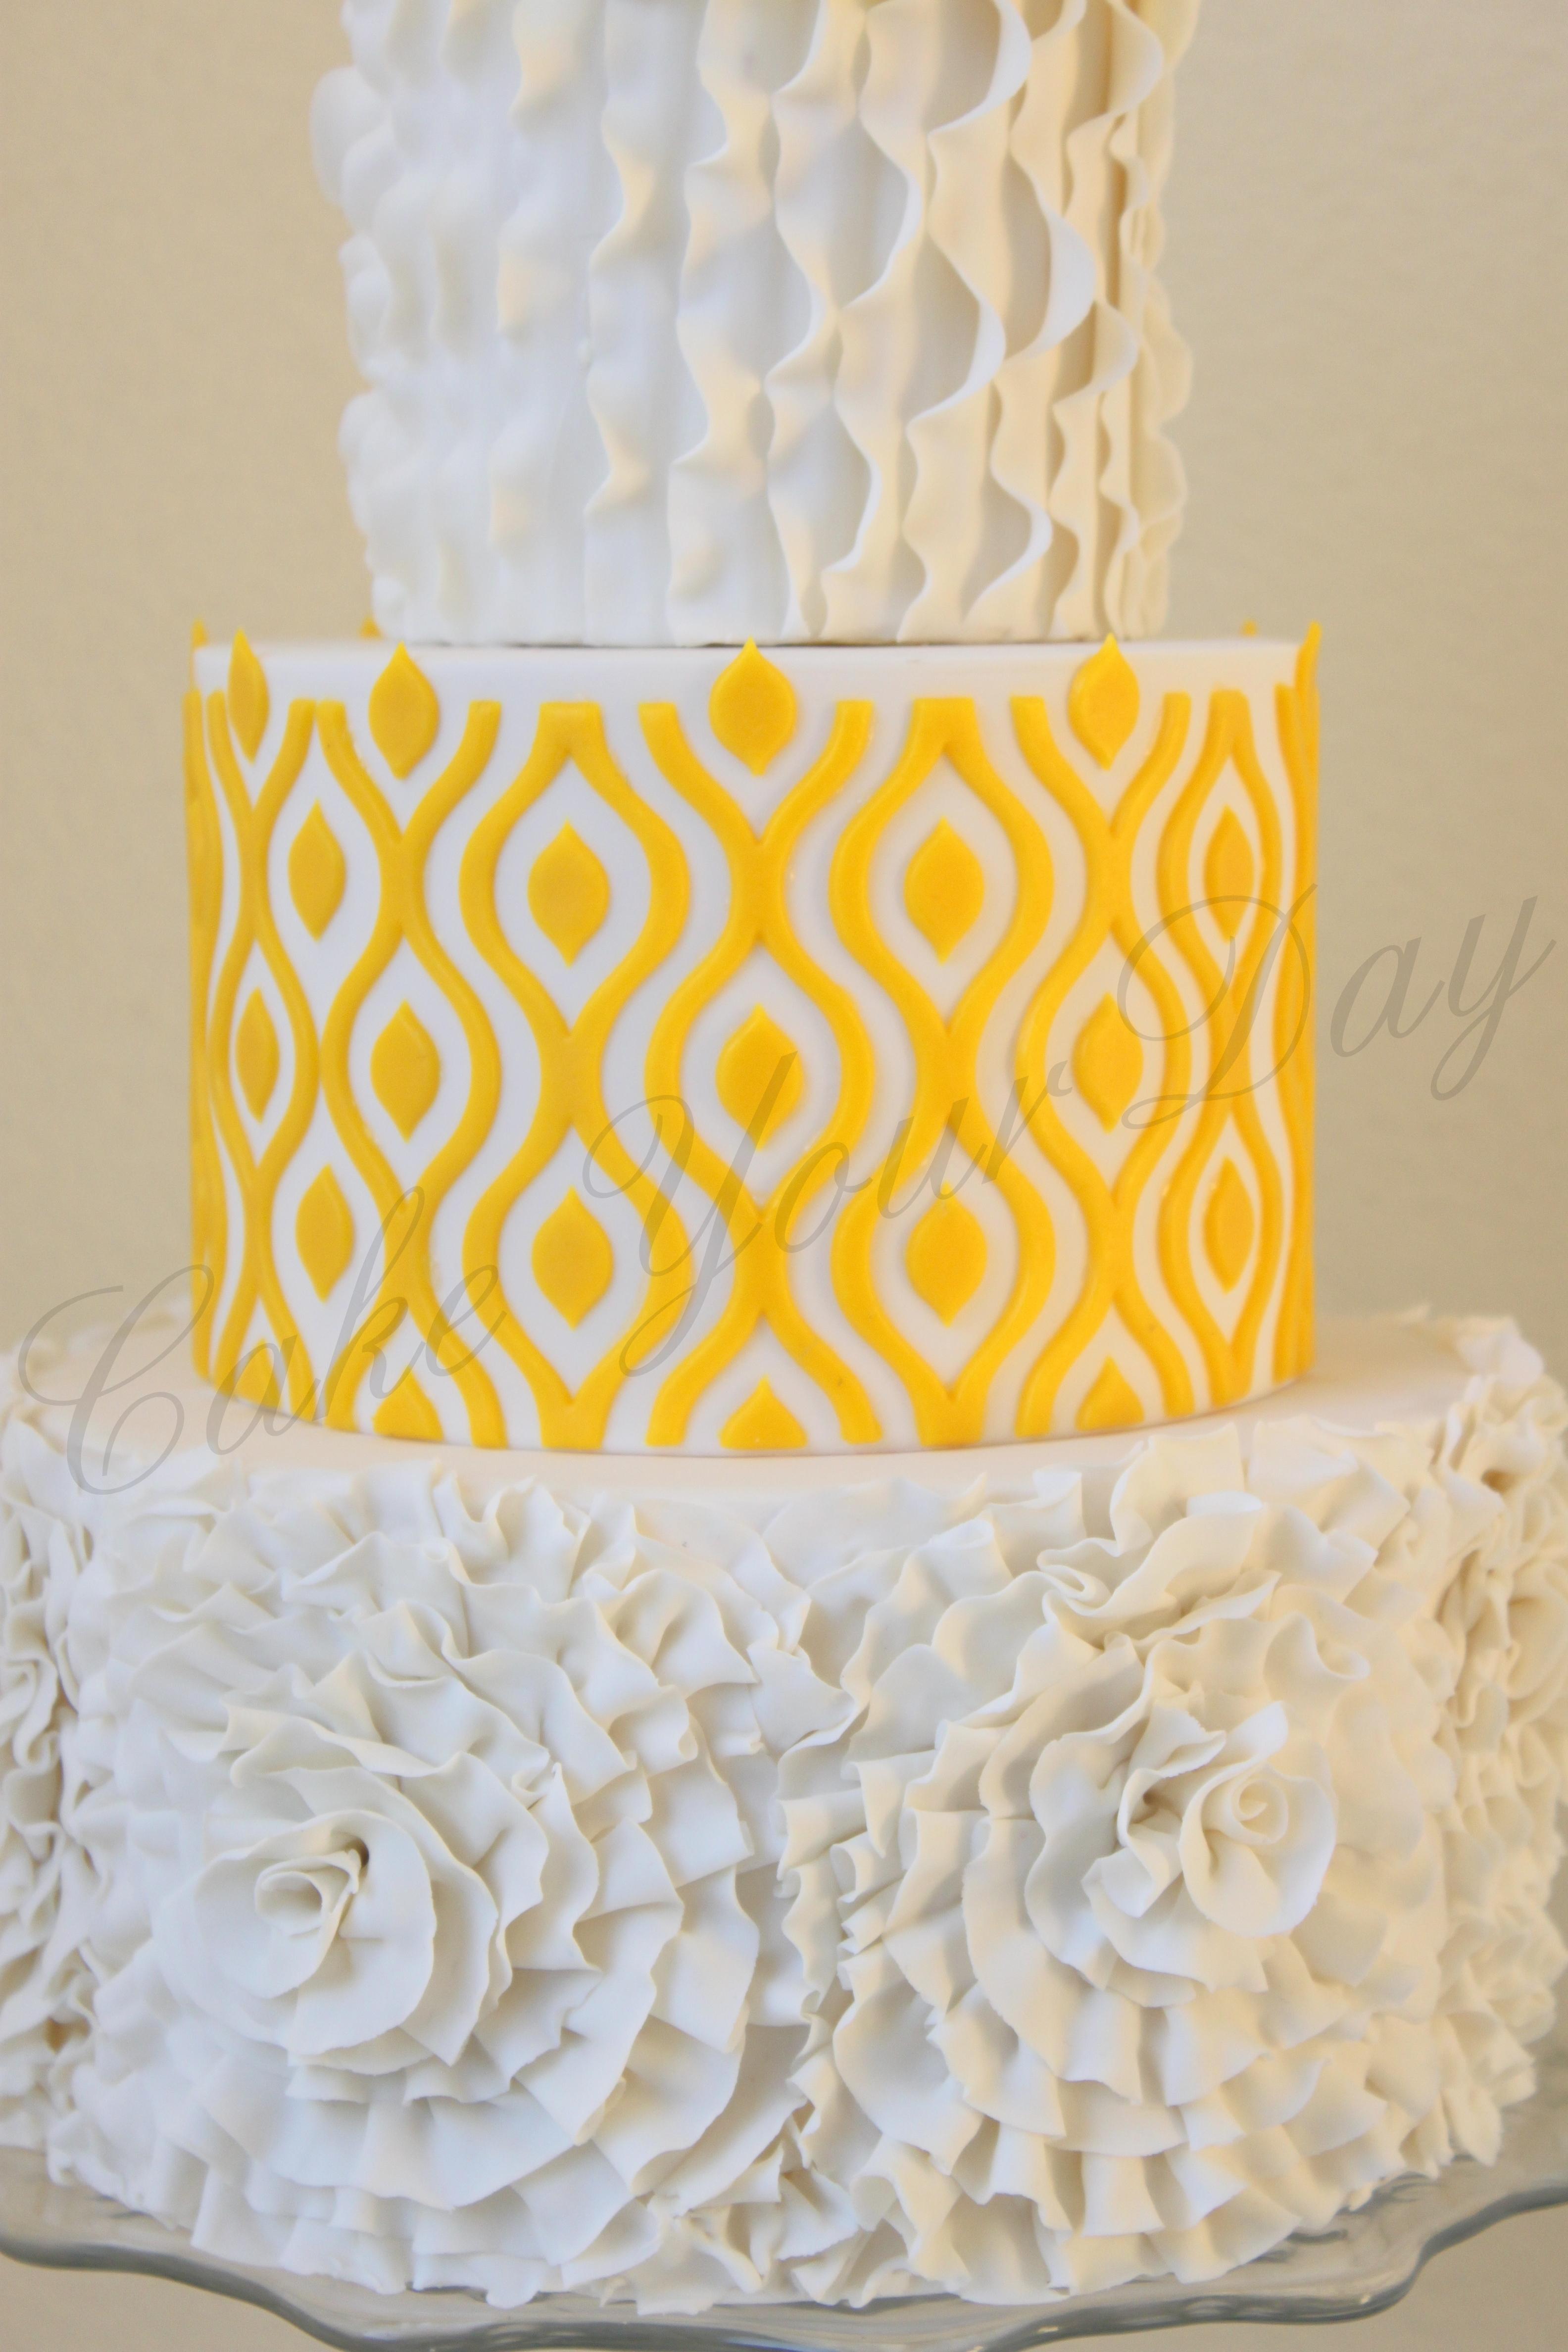 Rosettes Wedding Cake - CakeCentral.com